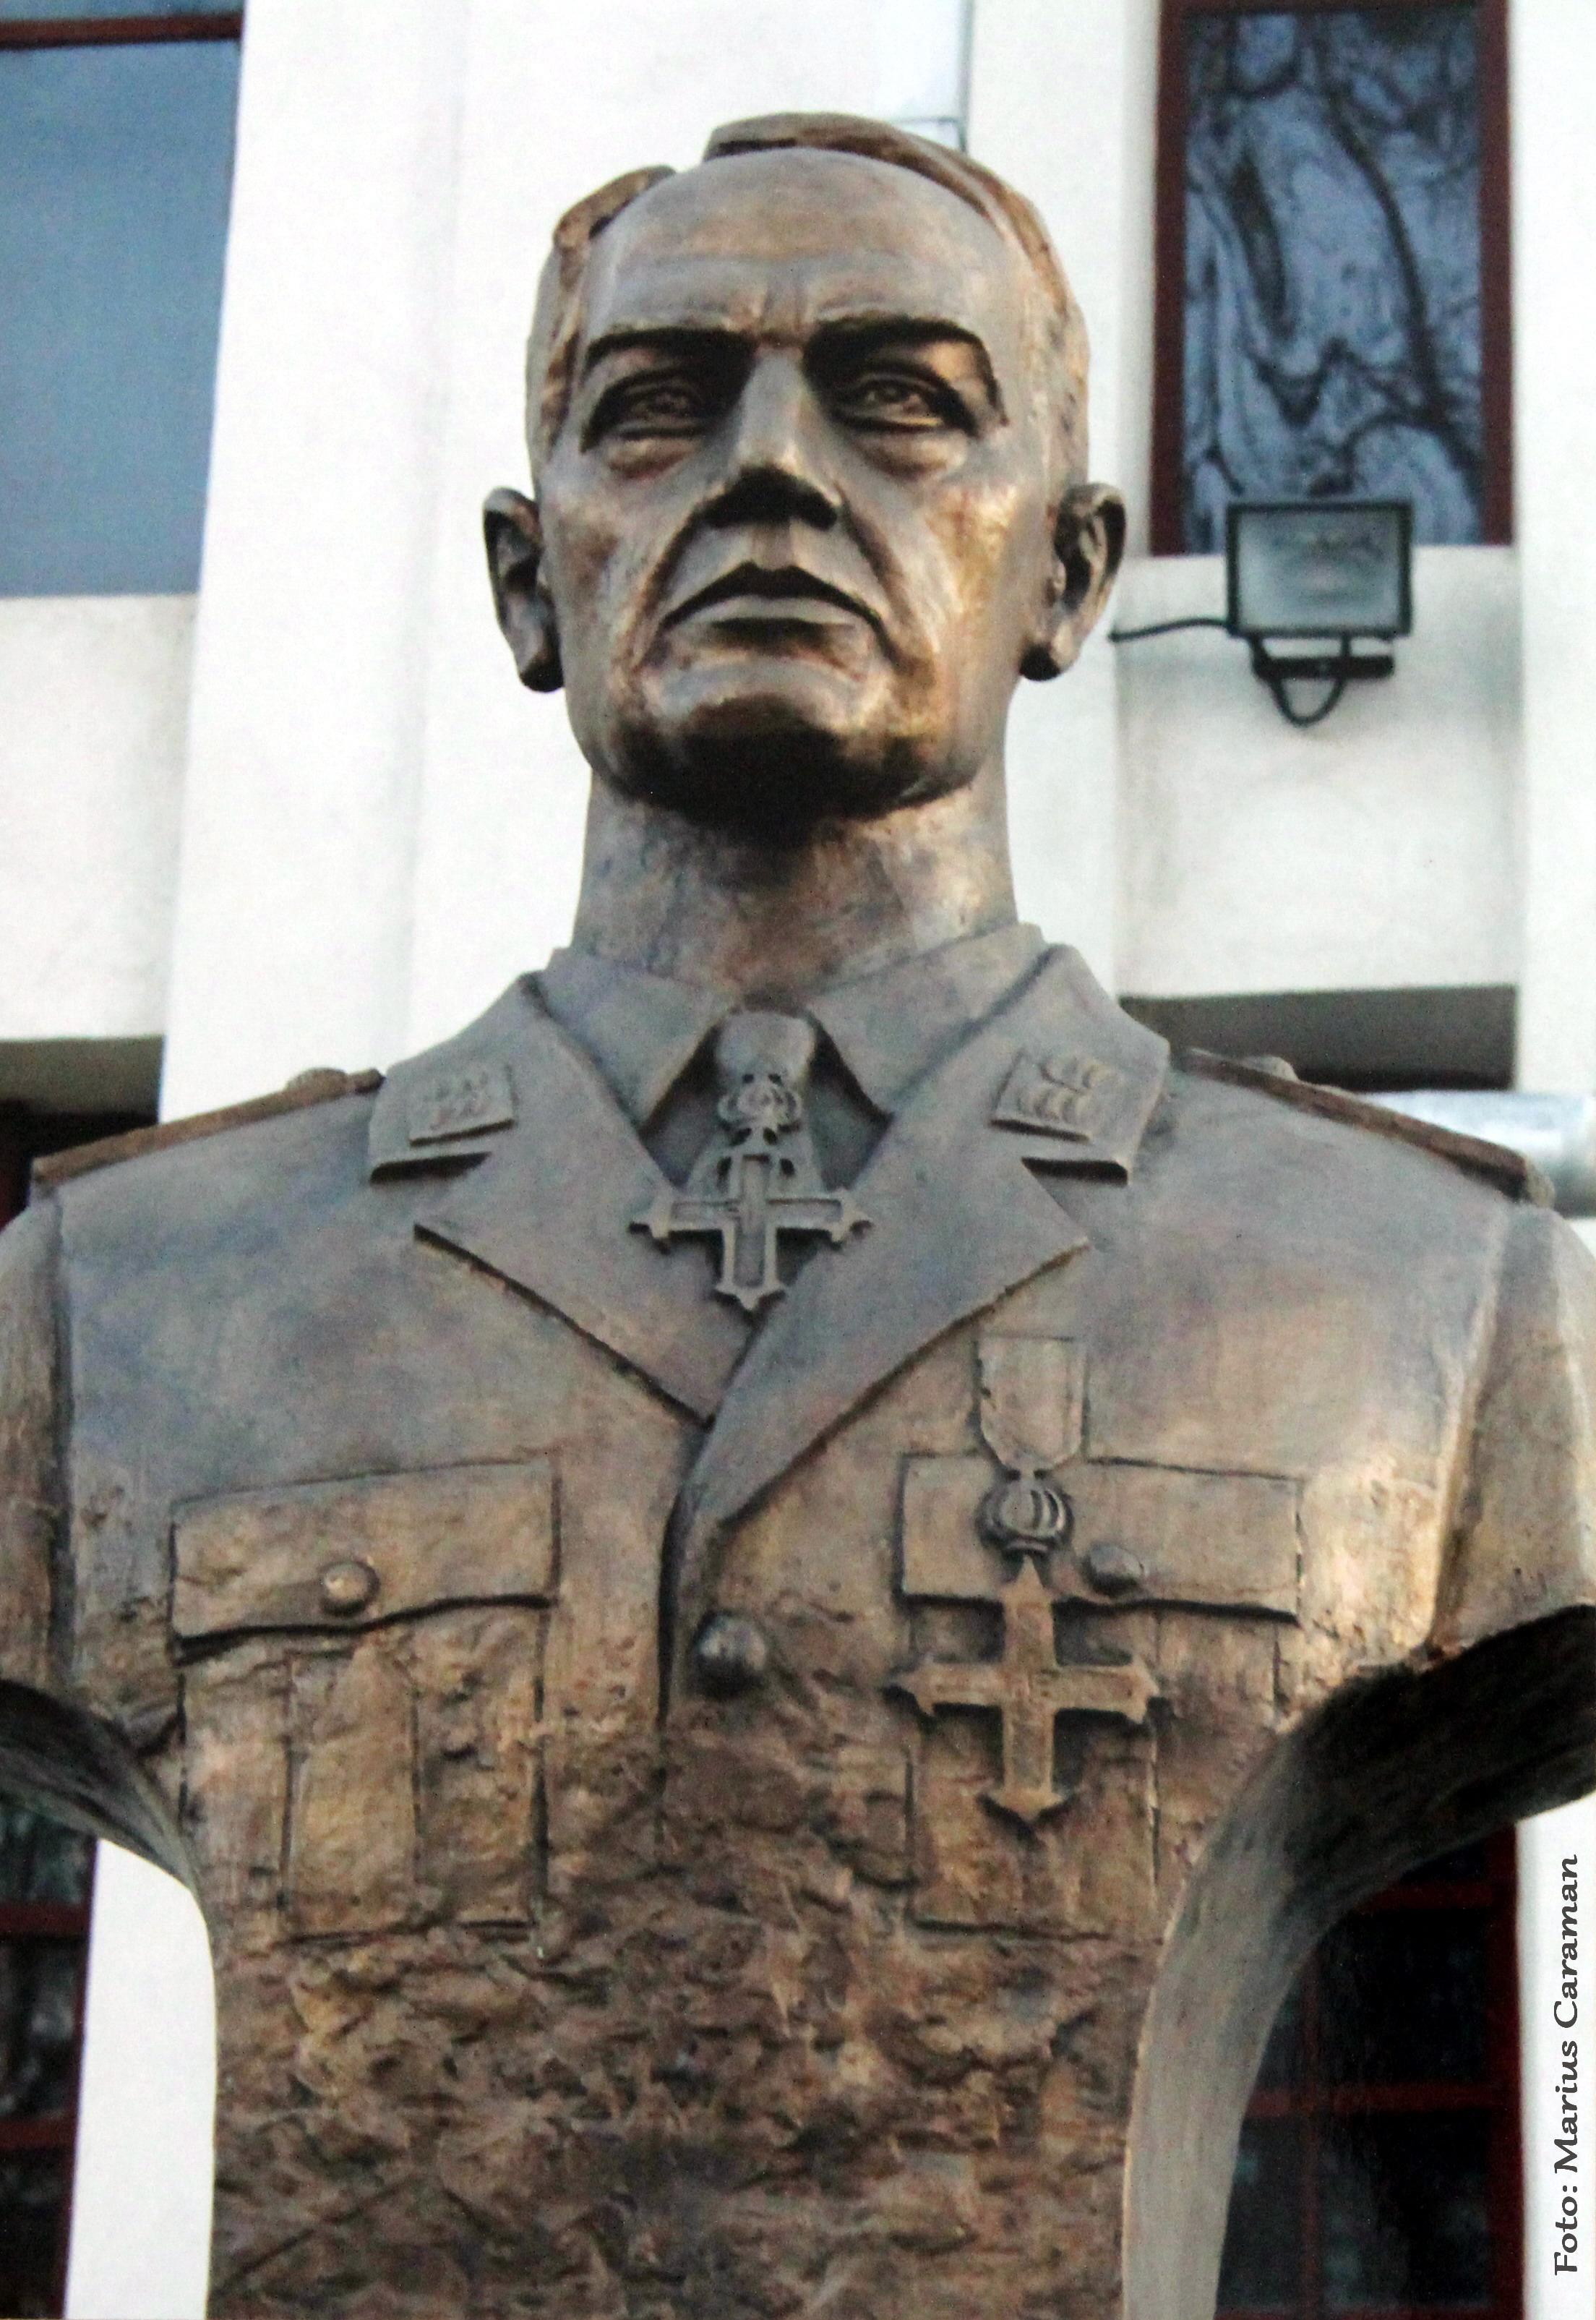 Bustul-Maresalului-Ion-Antonescu-de-la-Biserica-Sfintii-Constantin-si-Elena-din-Bucuresti-Vergului-Muncii-ctitorita-cu-mama-sa-Elena